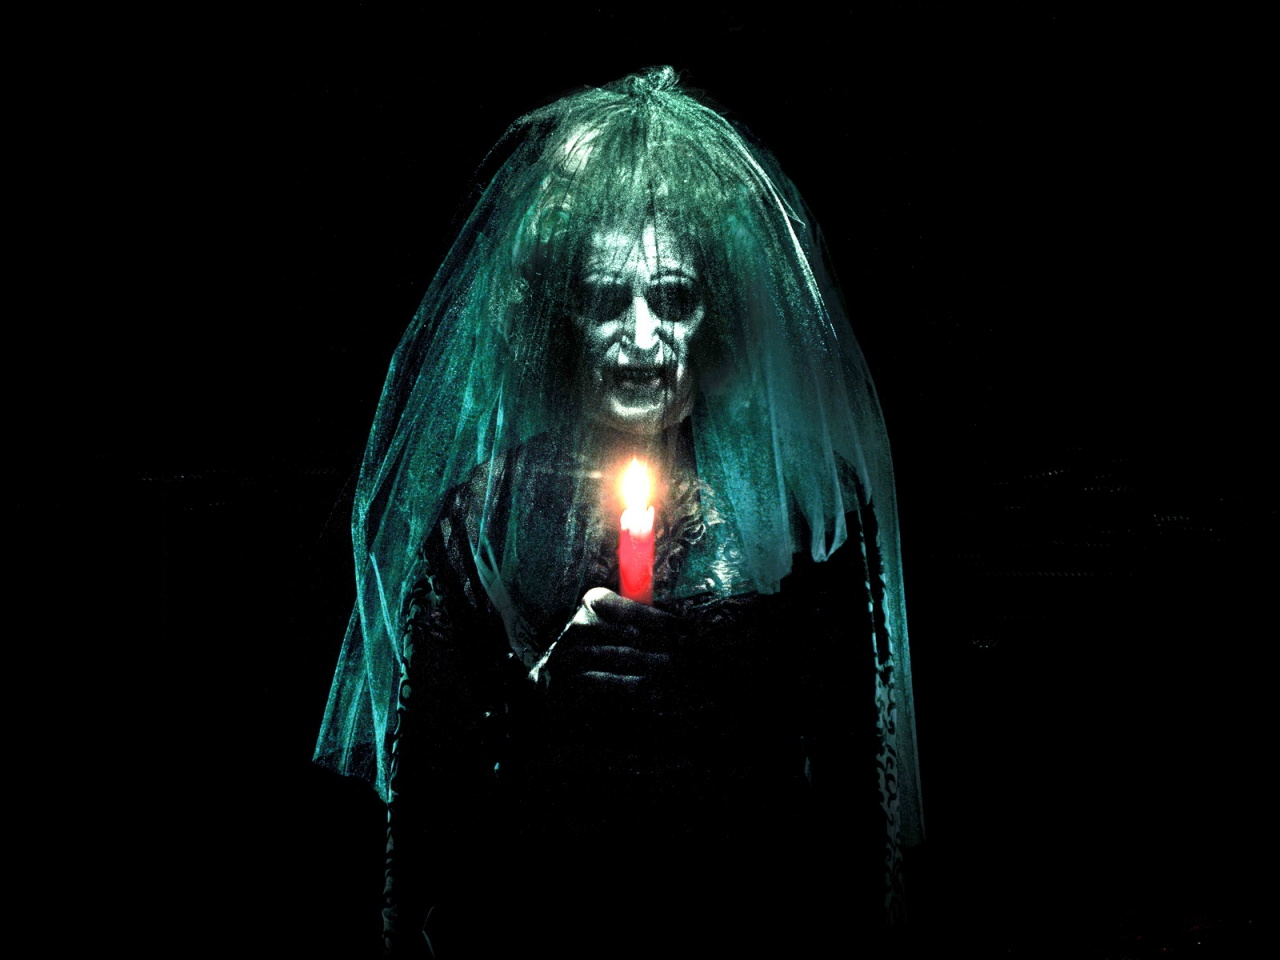 какие фильмы ужасов стоит посмотреть очень страшные